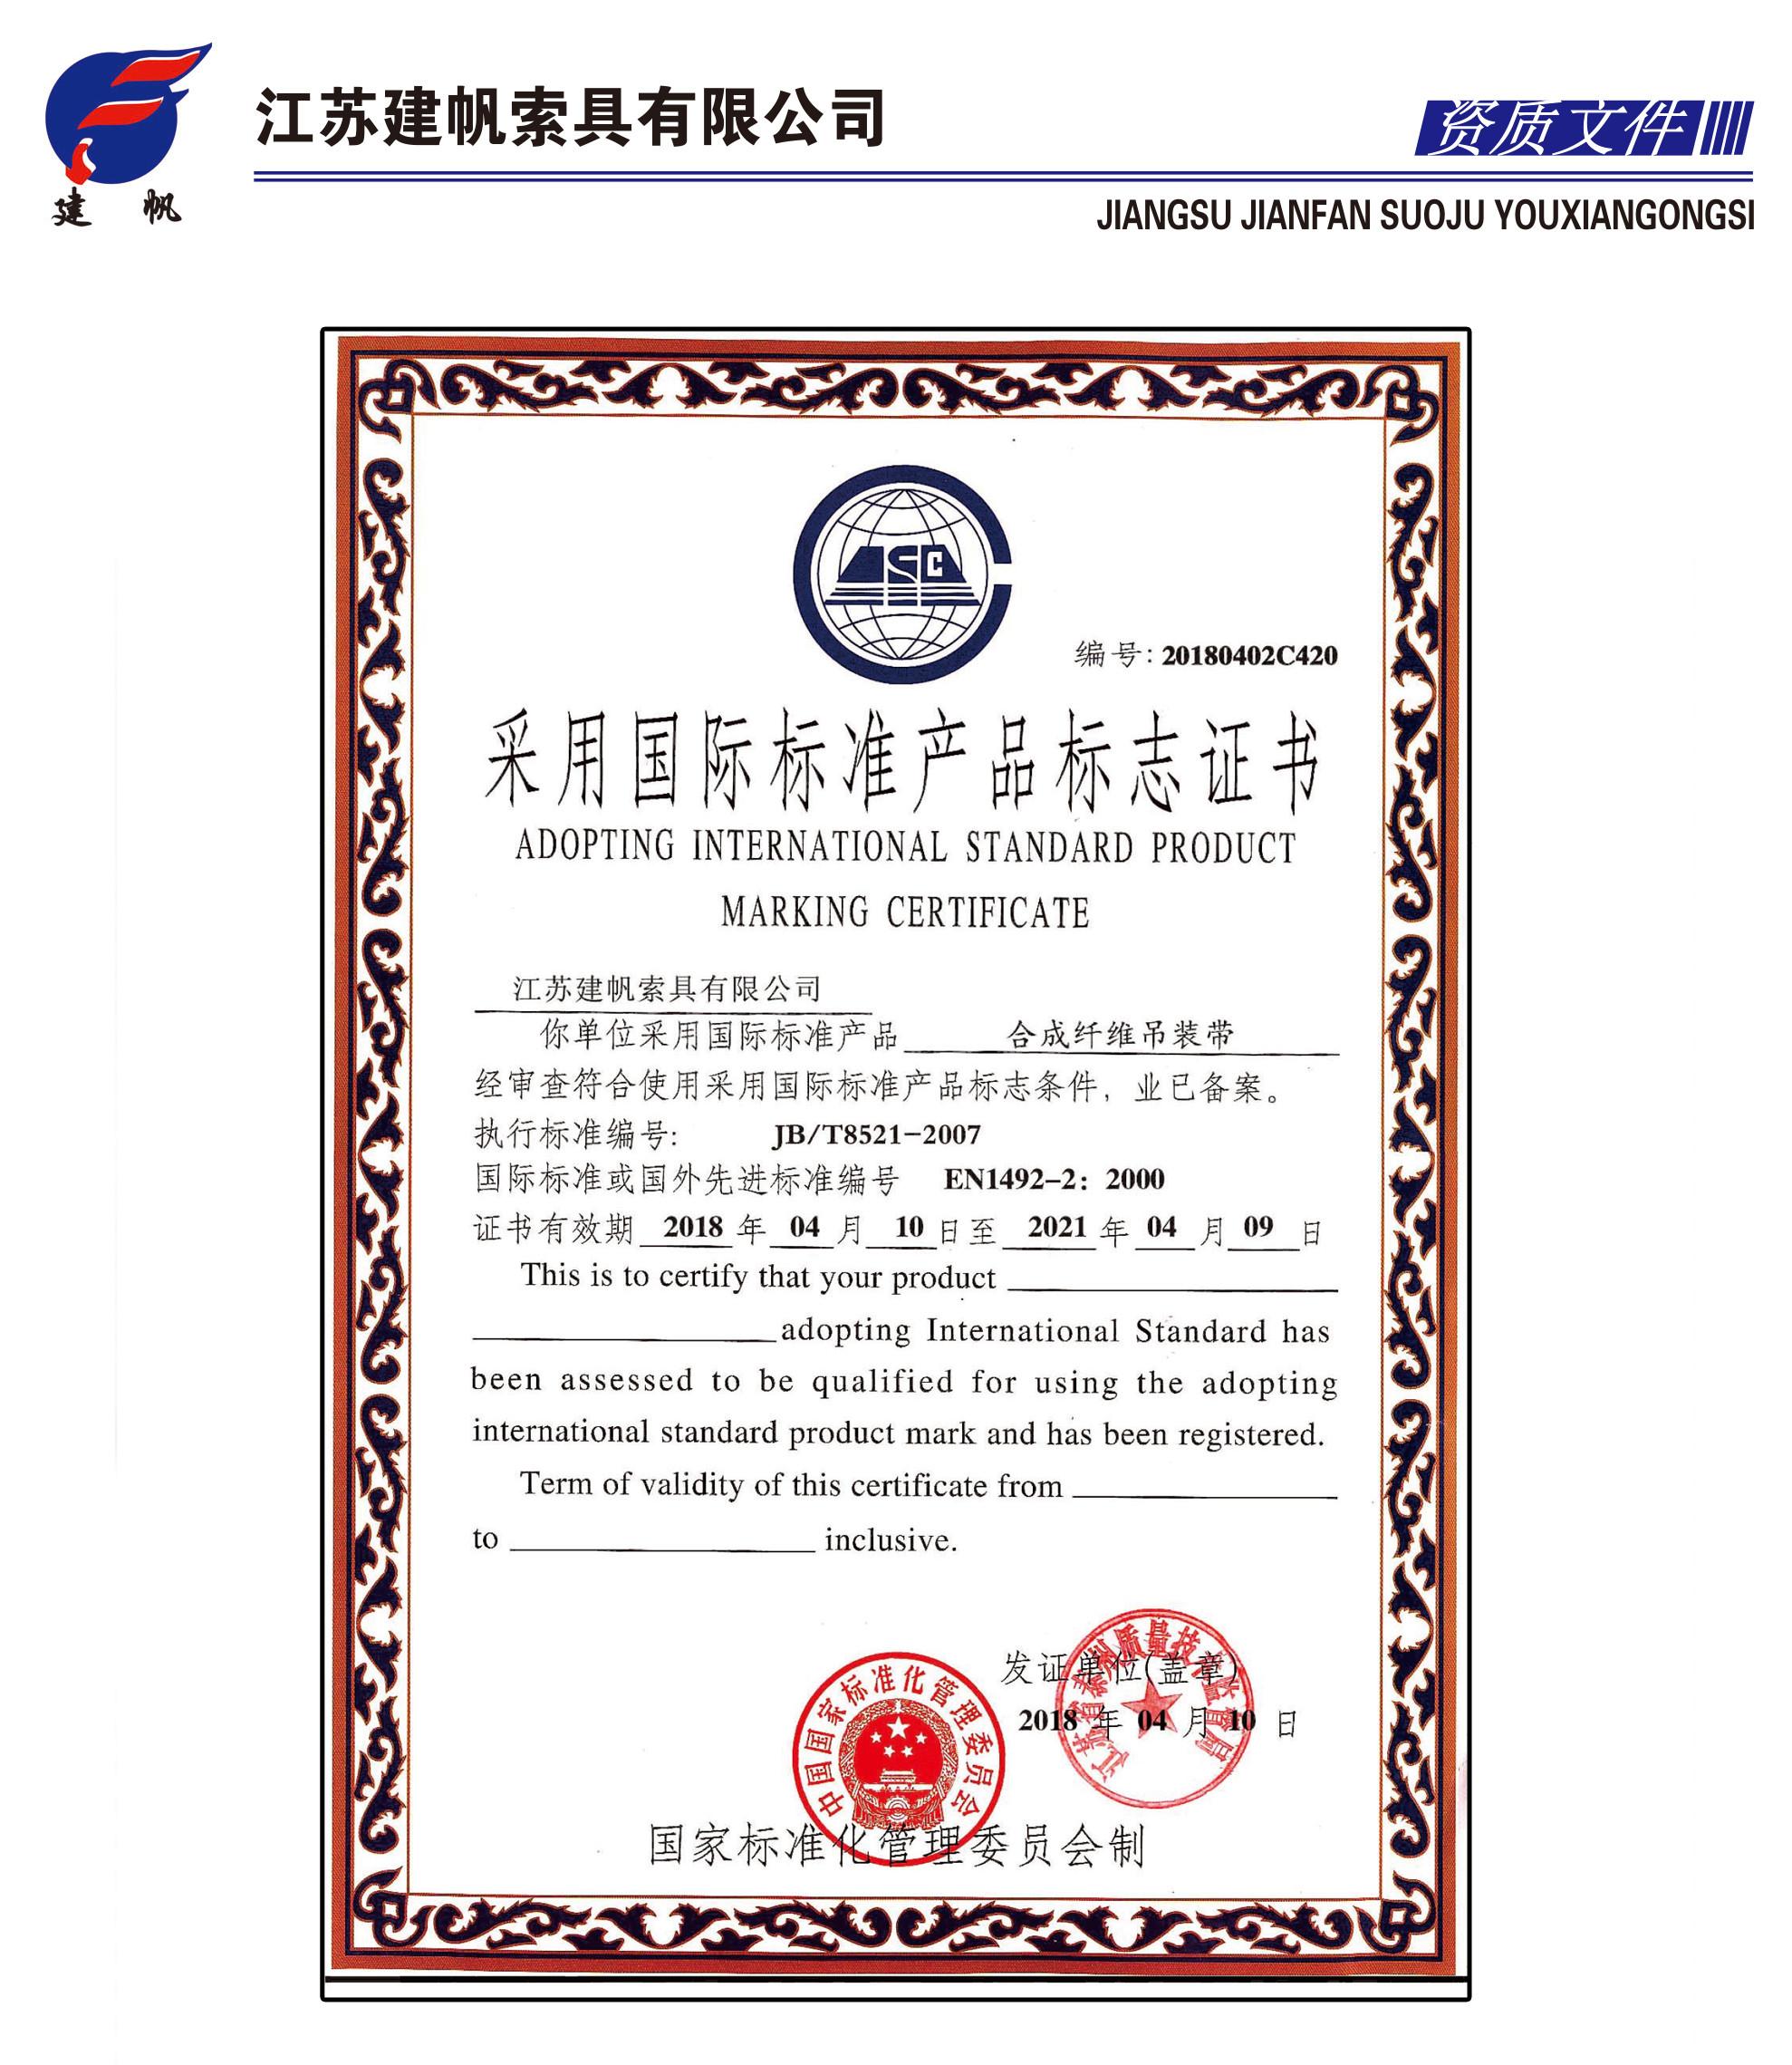 国际标准产品标志证书-合成纤维吊装带